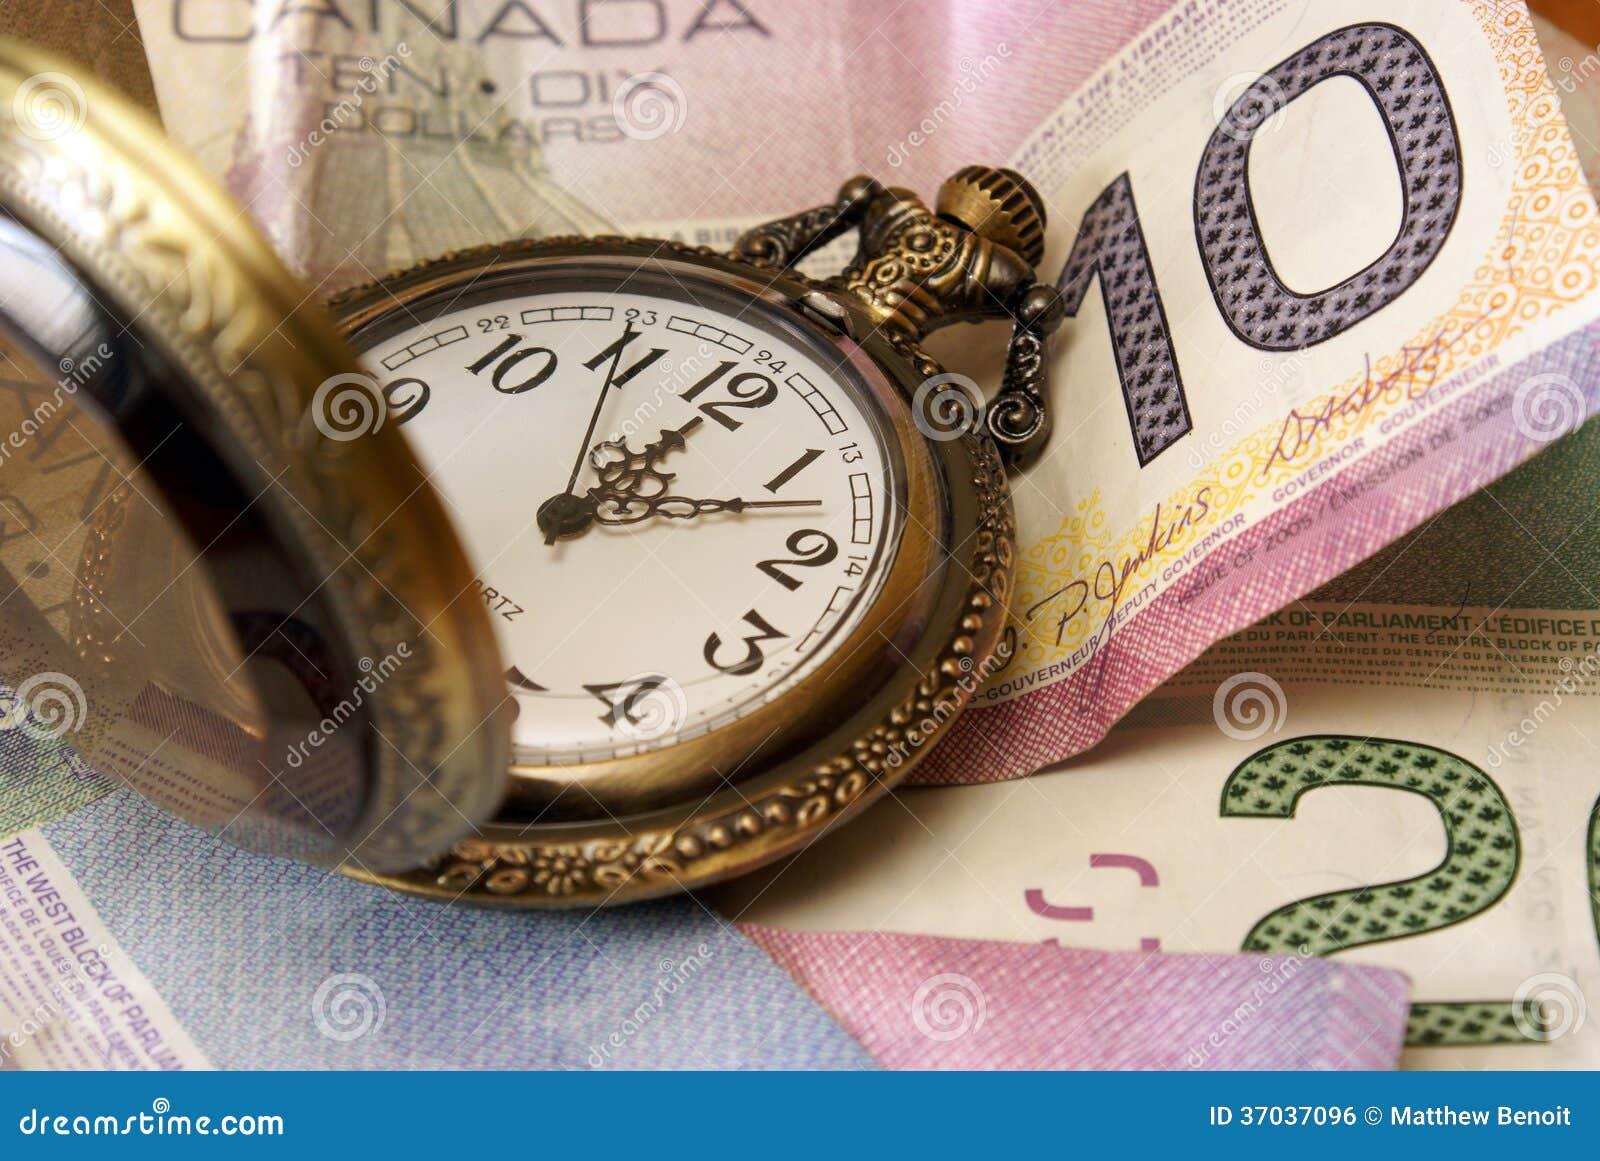 Ο χρόνος είναι χρήματα